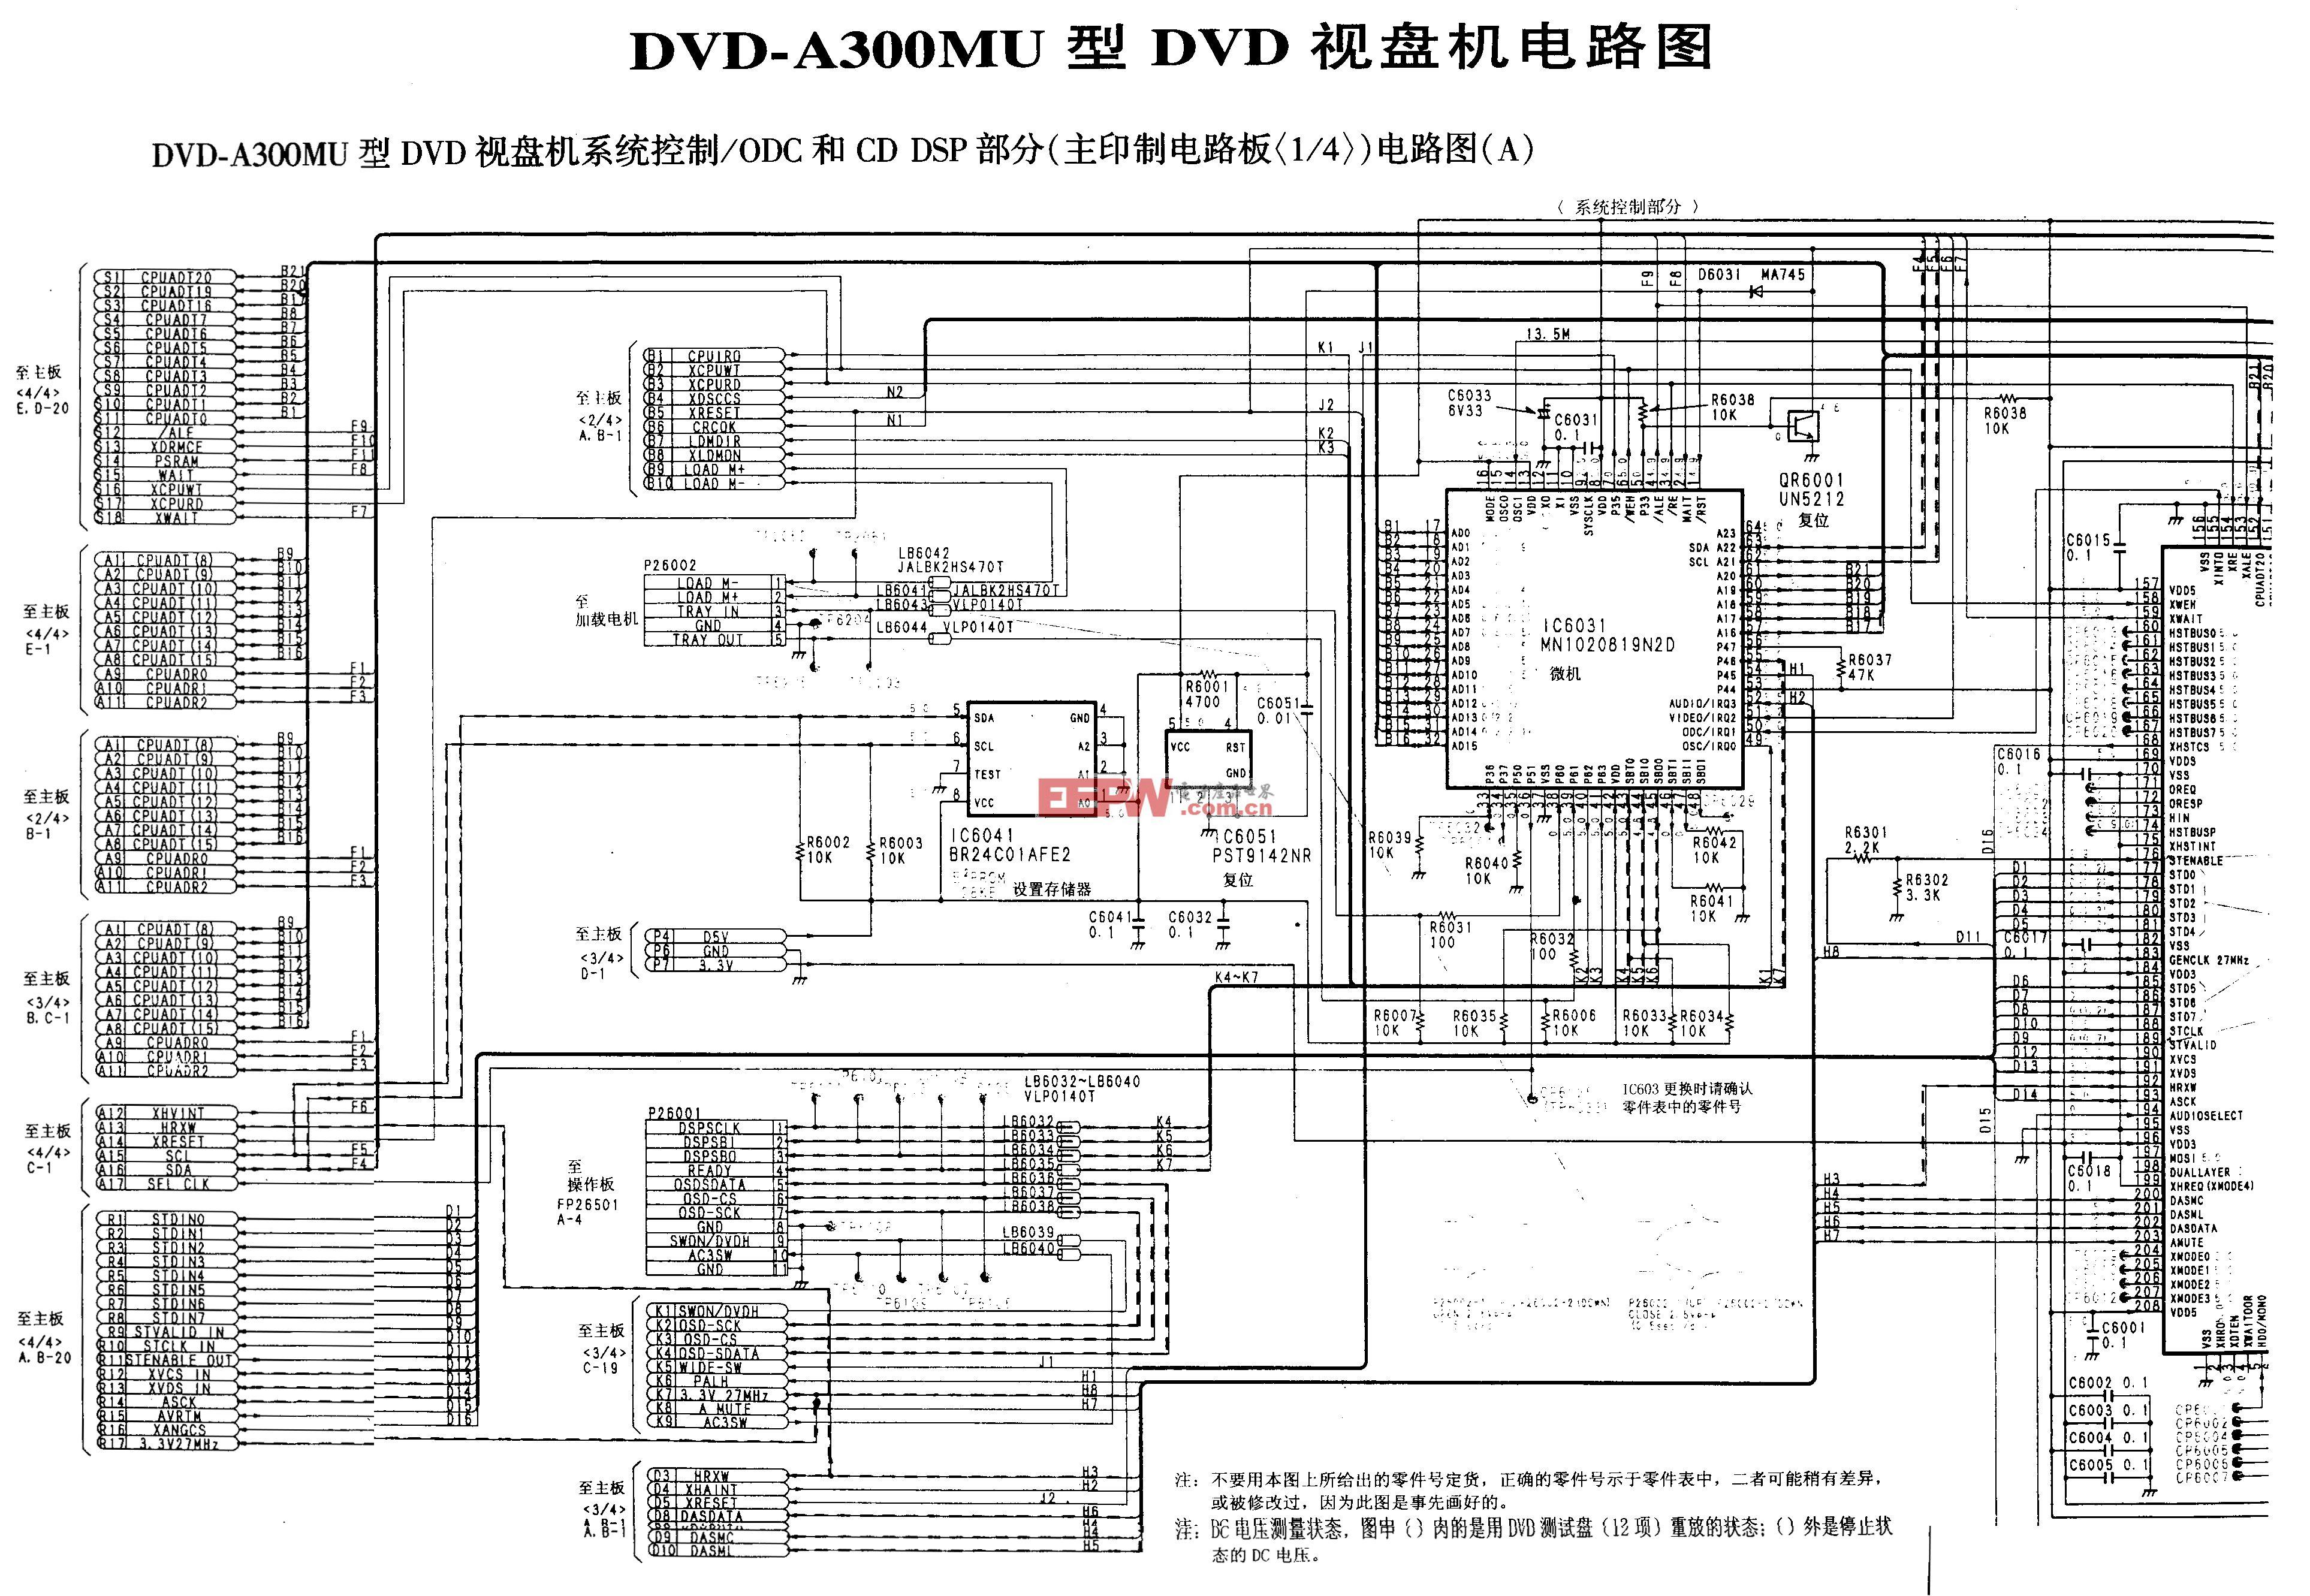 松下DVD-A300MU型DVD-系统控制/ODC和CD DSP部分A